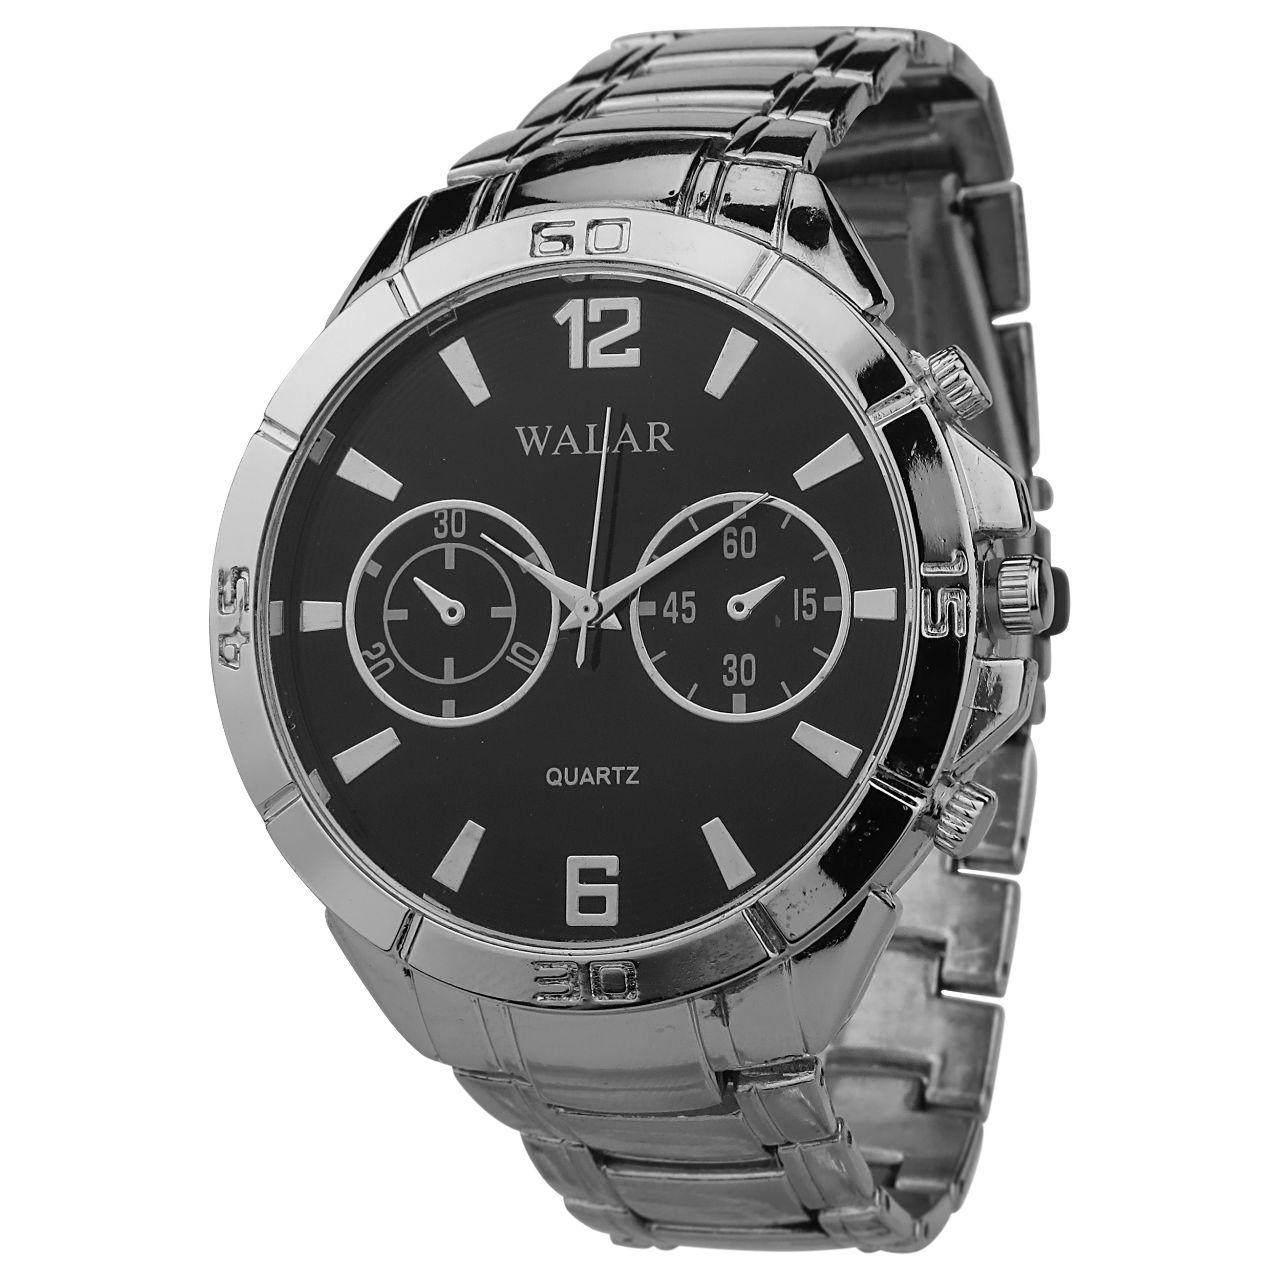 ساعت مچی عقربه ای مردانه والار کد MBS-444              خرید (⭐️⭐️⭐️)